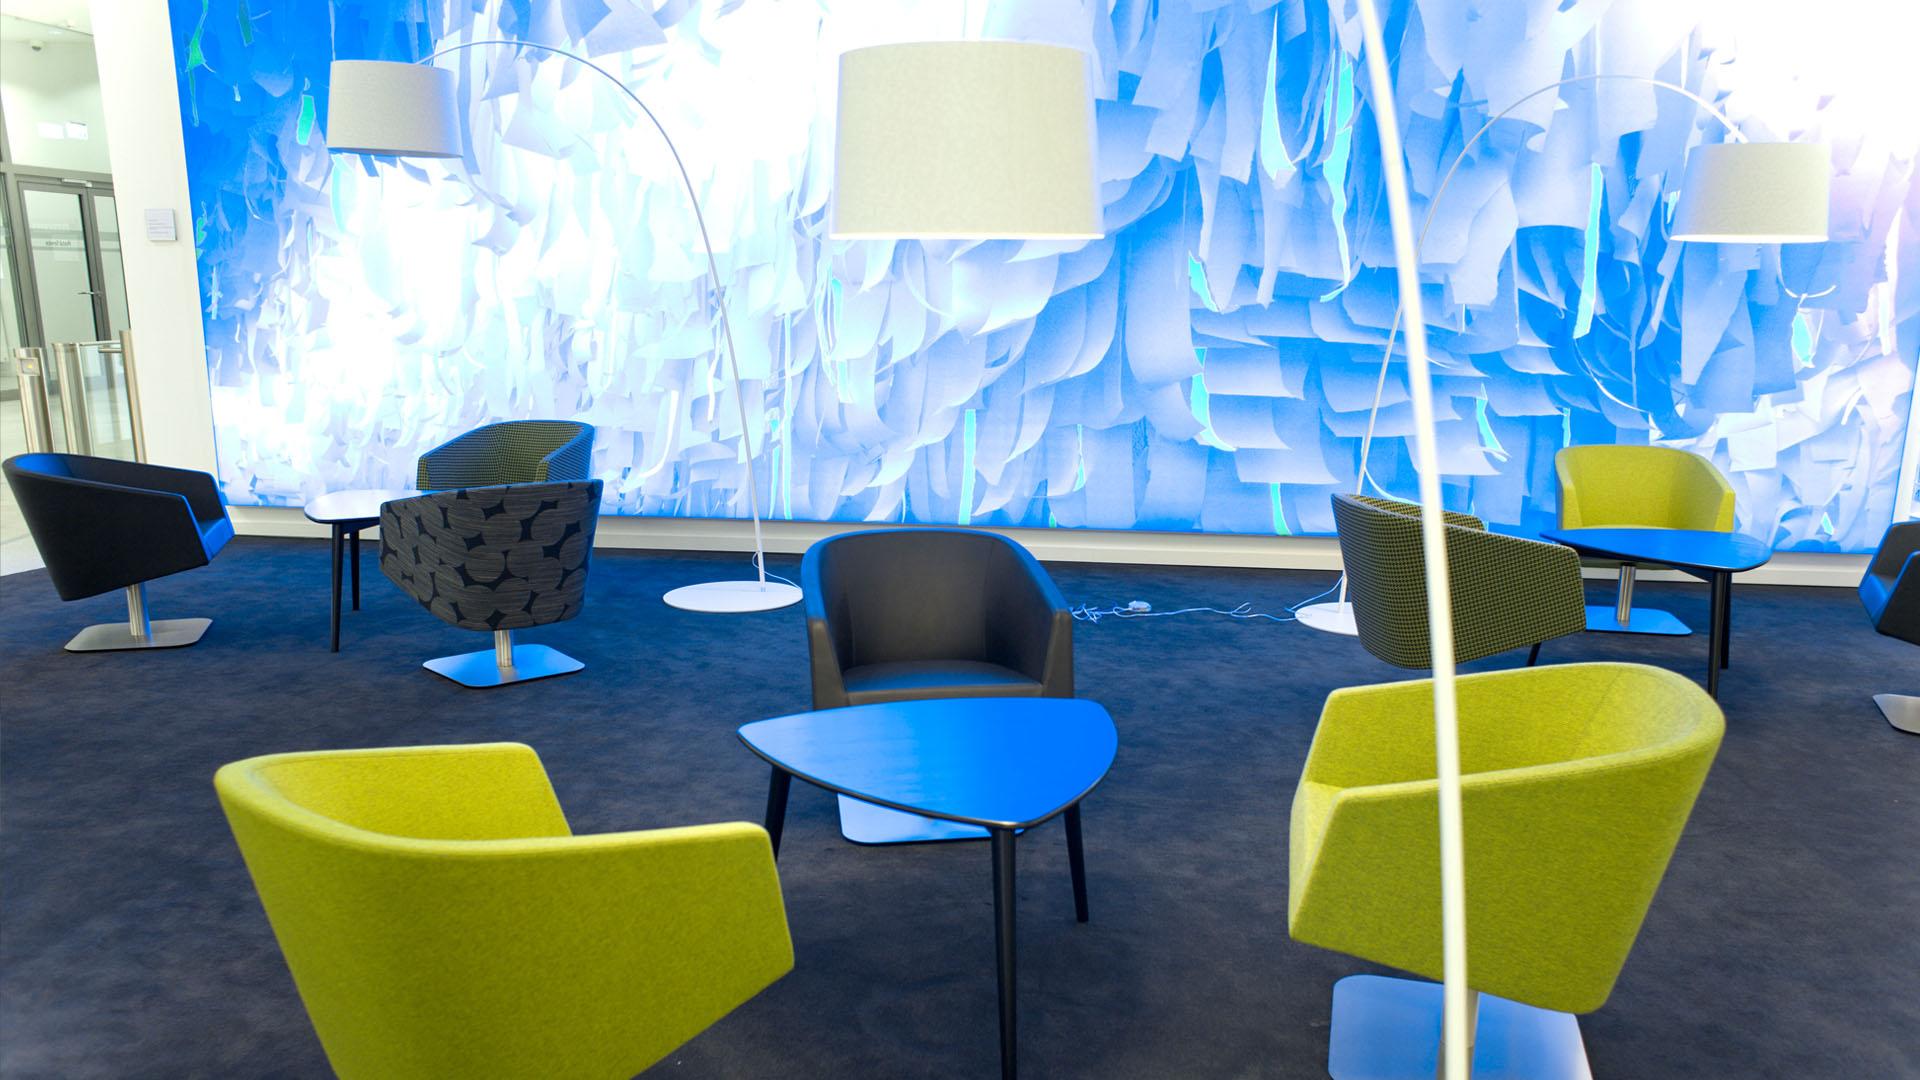 MAASS-Lichtplanung_Lichtplanung im Foyer der SEB Zentrale__MAASS-Skylight-Foyer-008